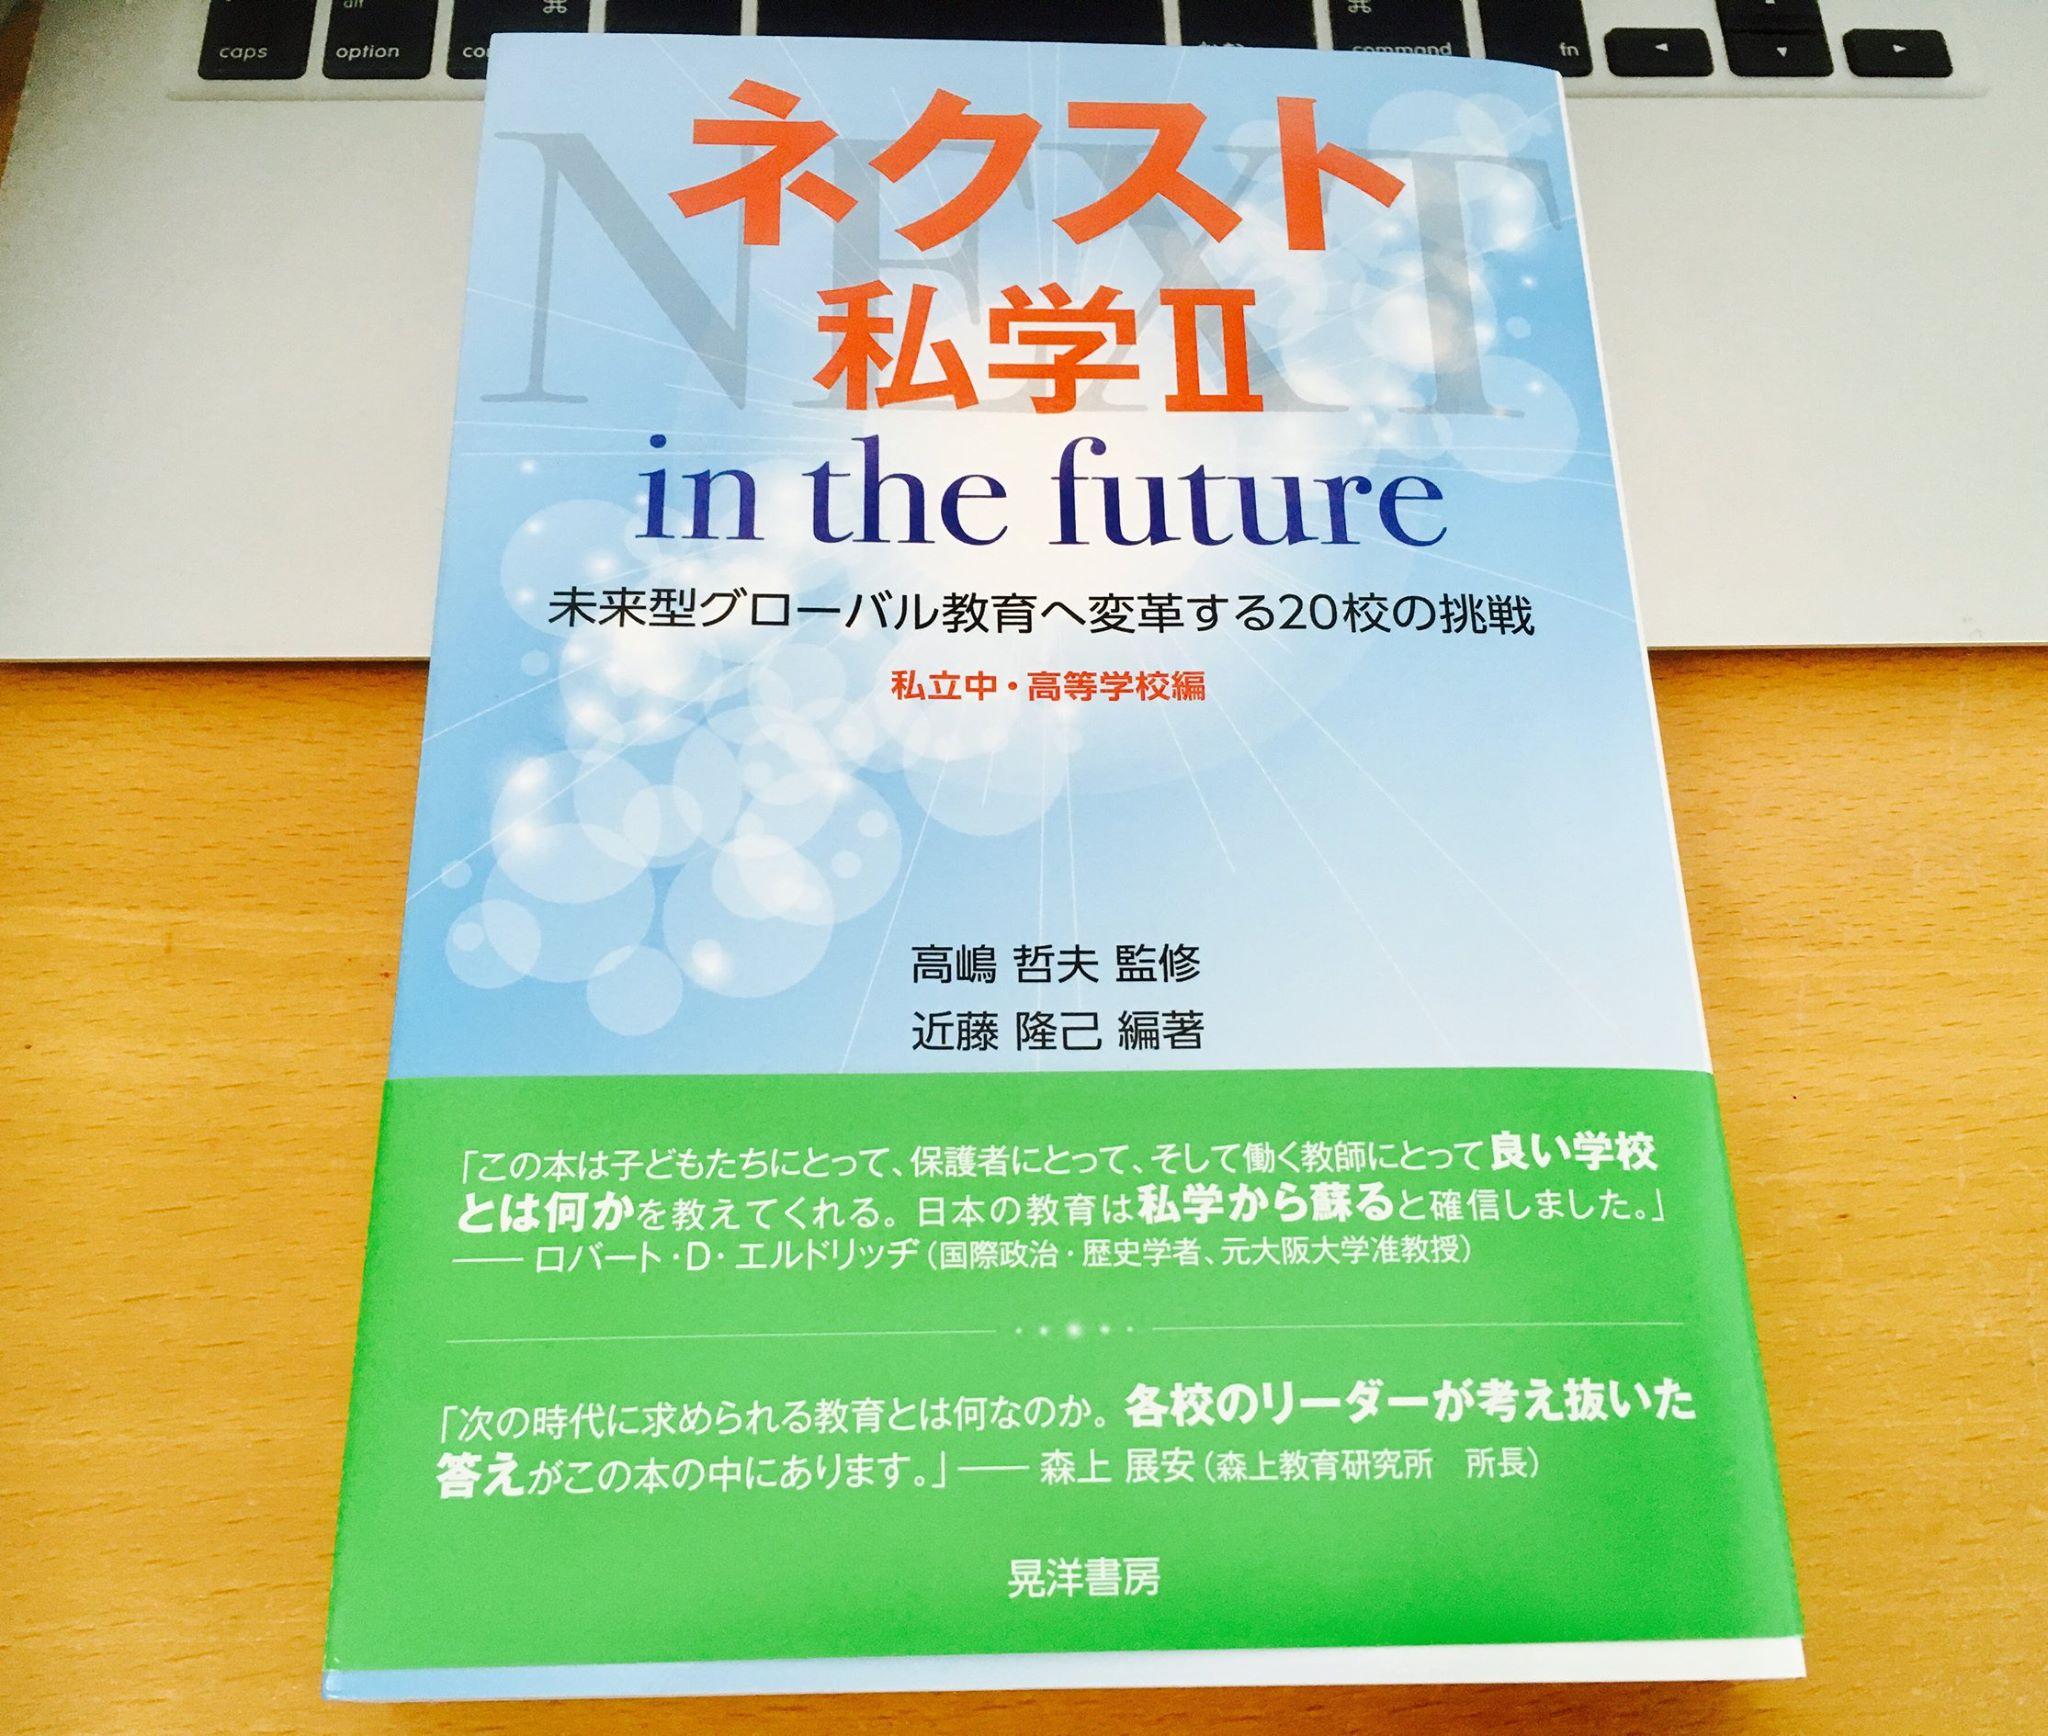 『ネクスト私学Ⅱ』出版